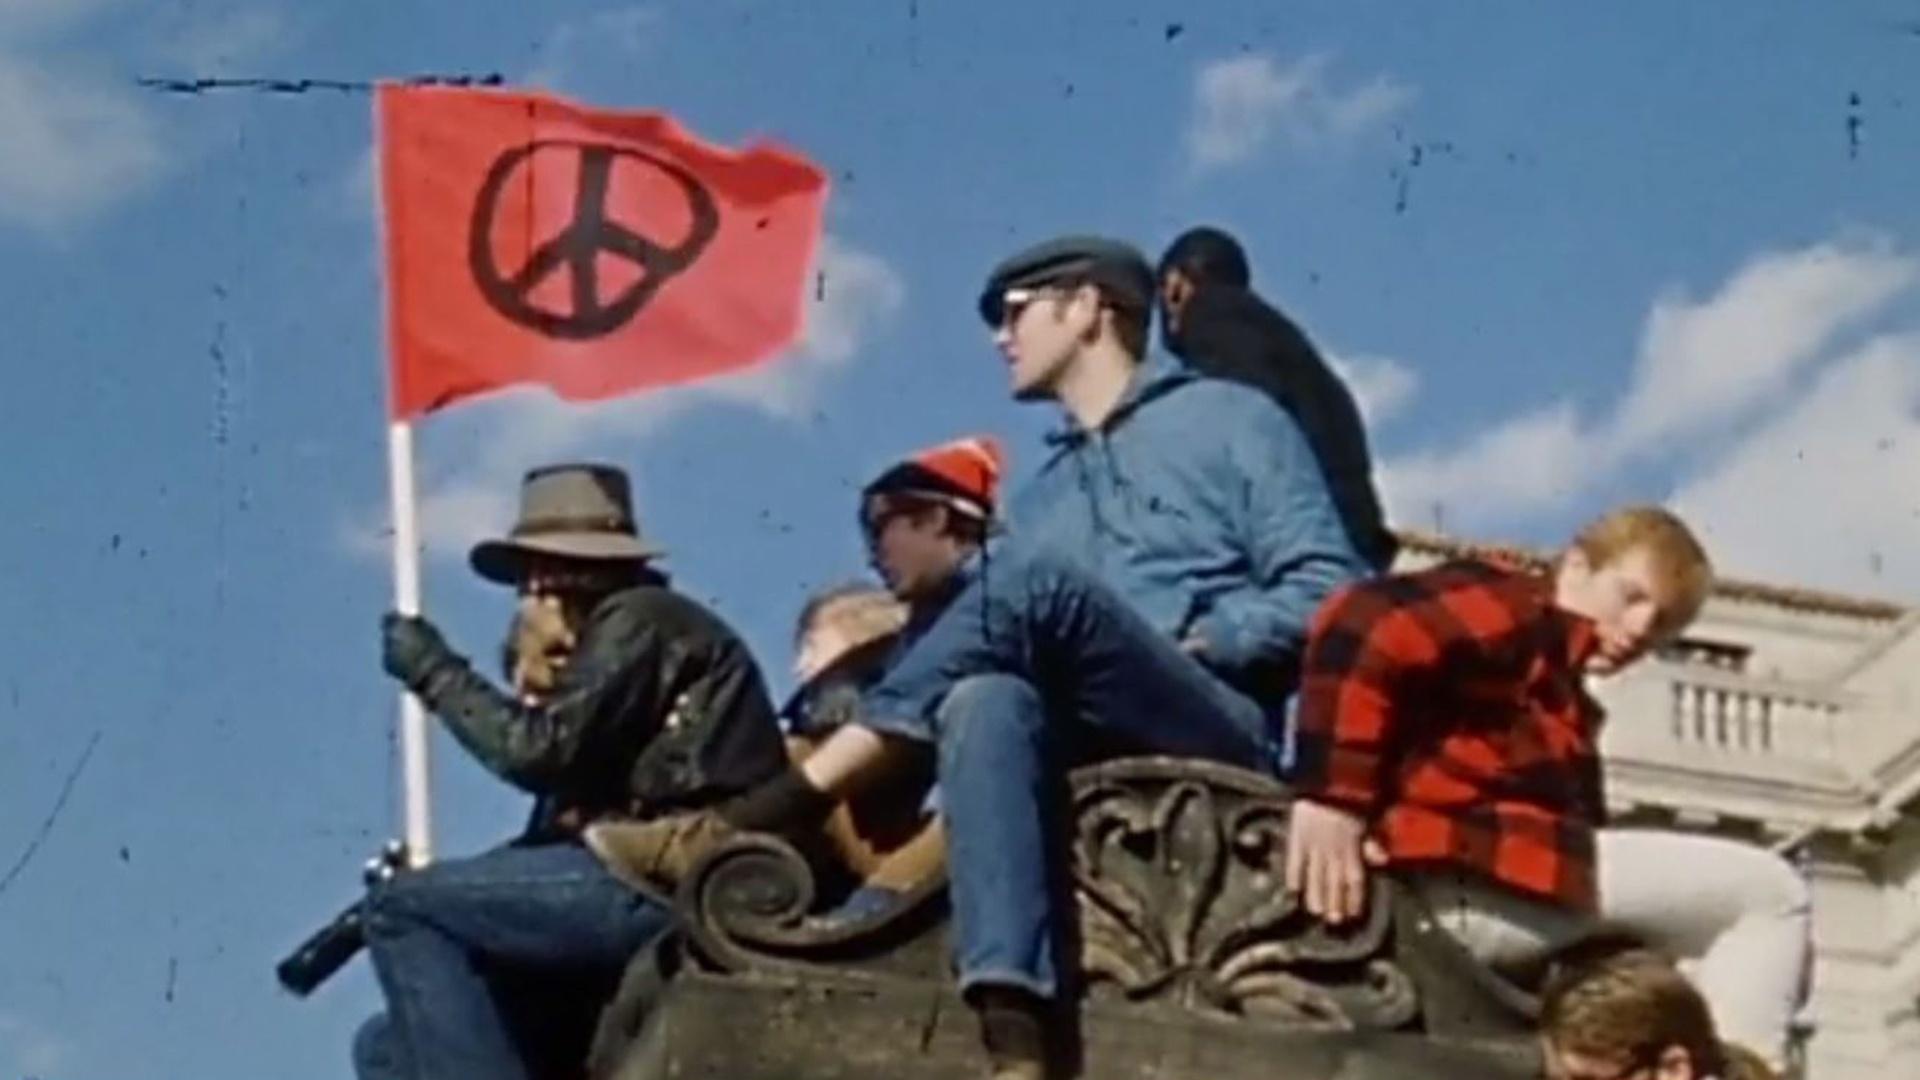 Moratorium Protests, 1969